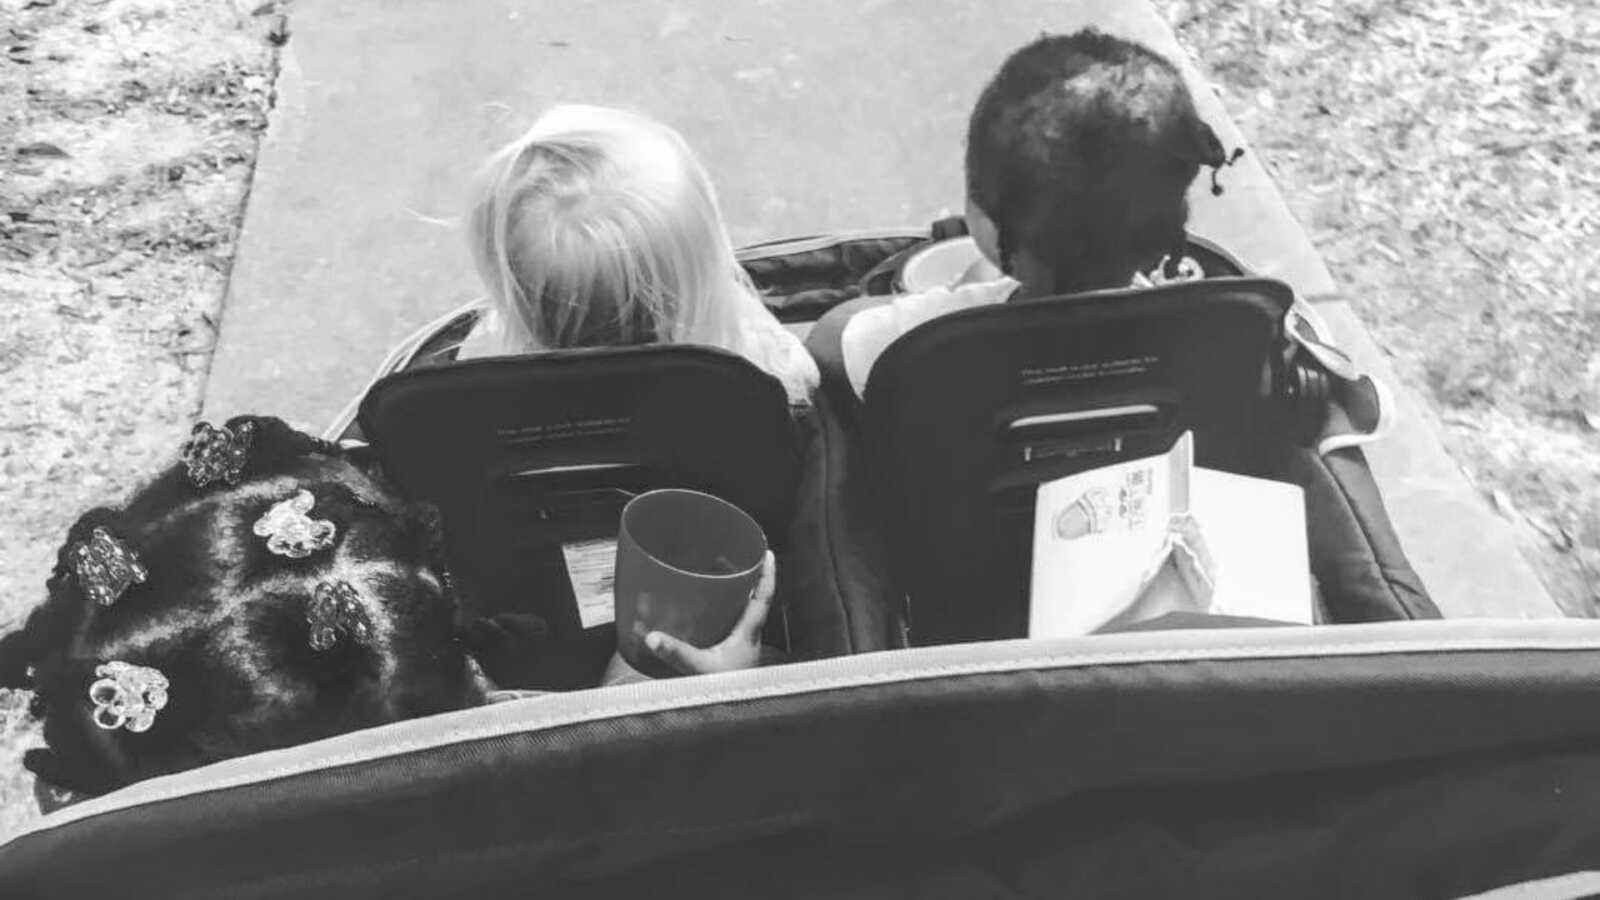 养母推着一辆载有三个孩子的婴儿车拍照